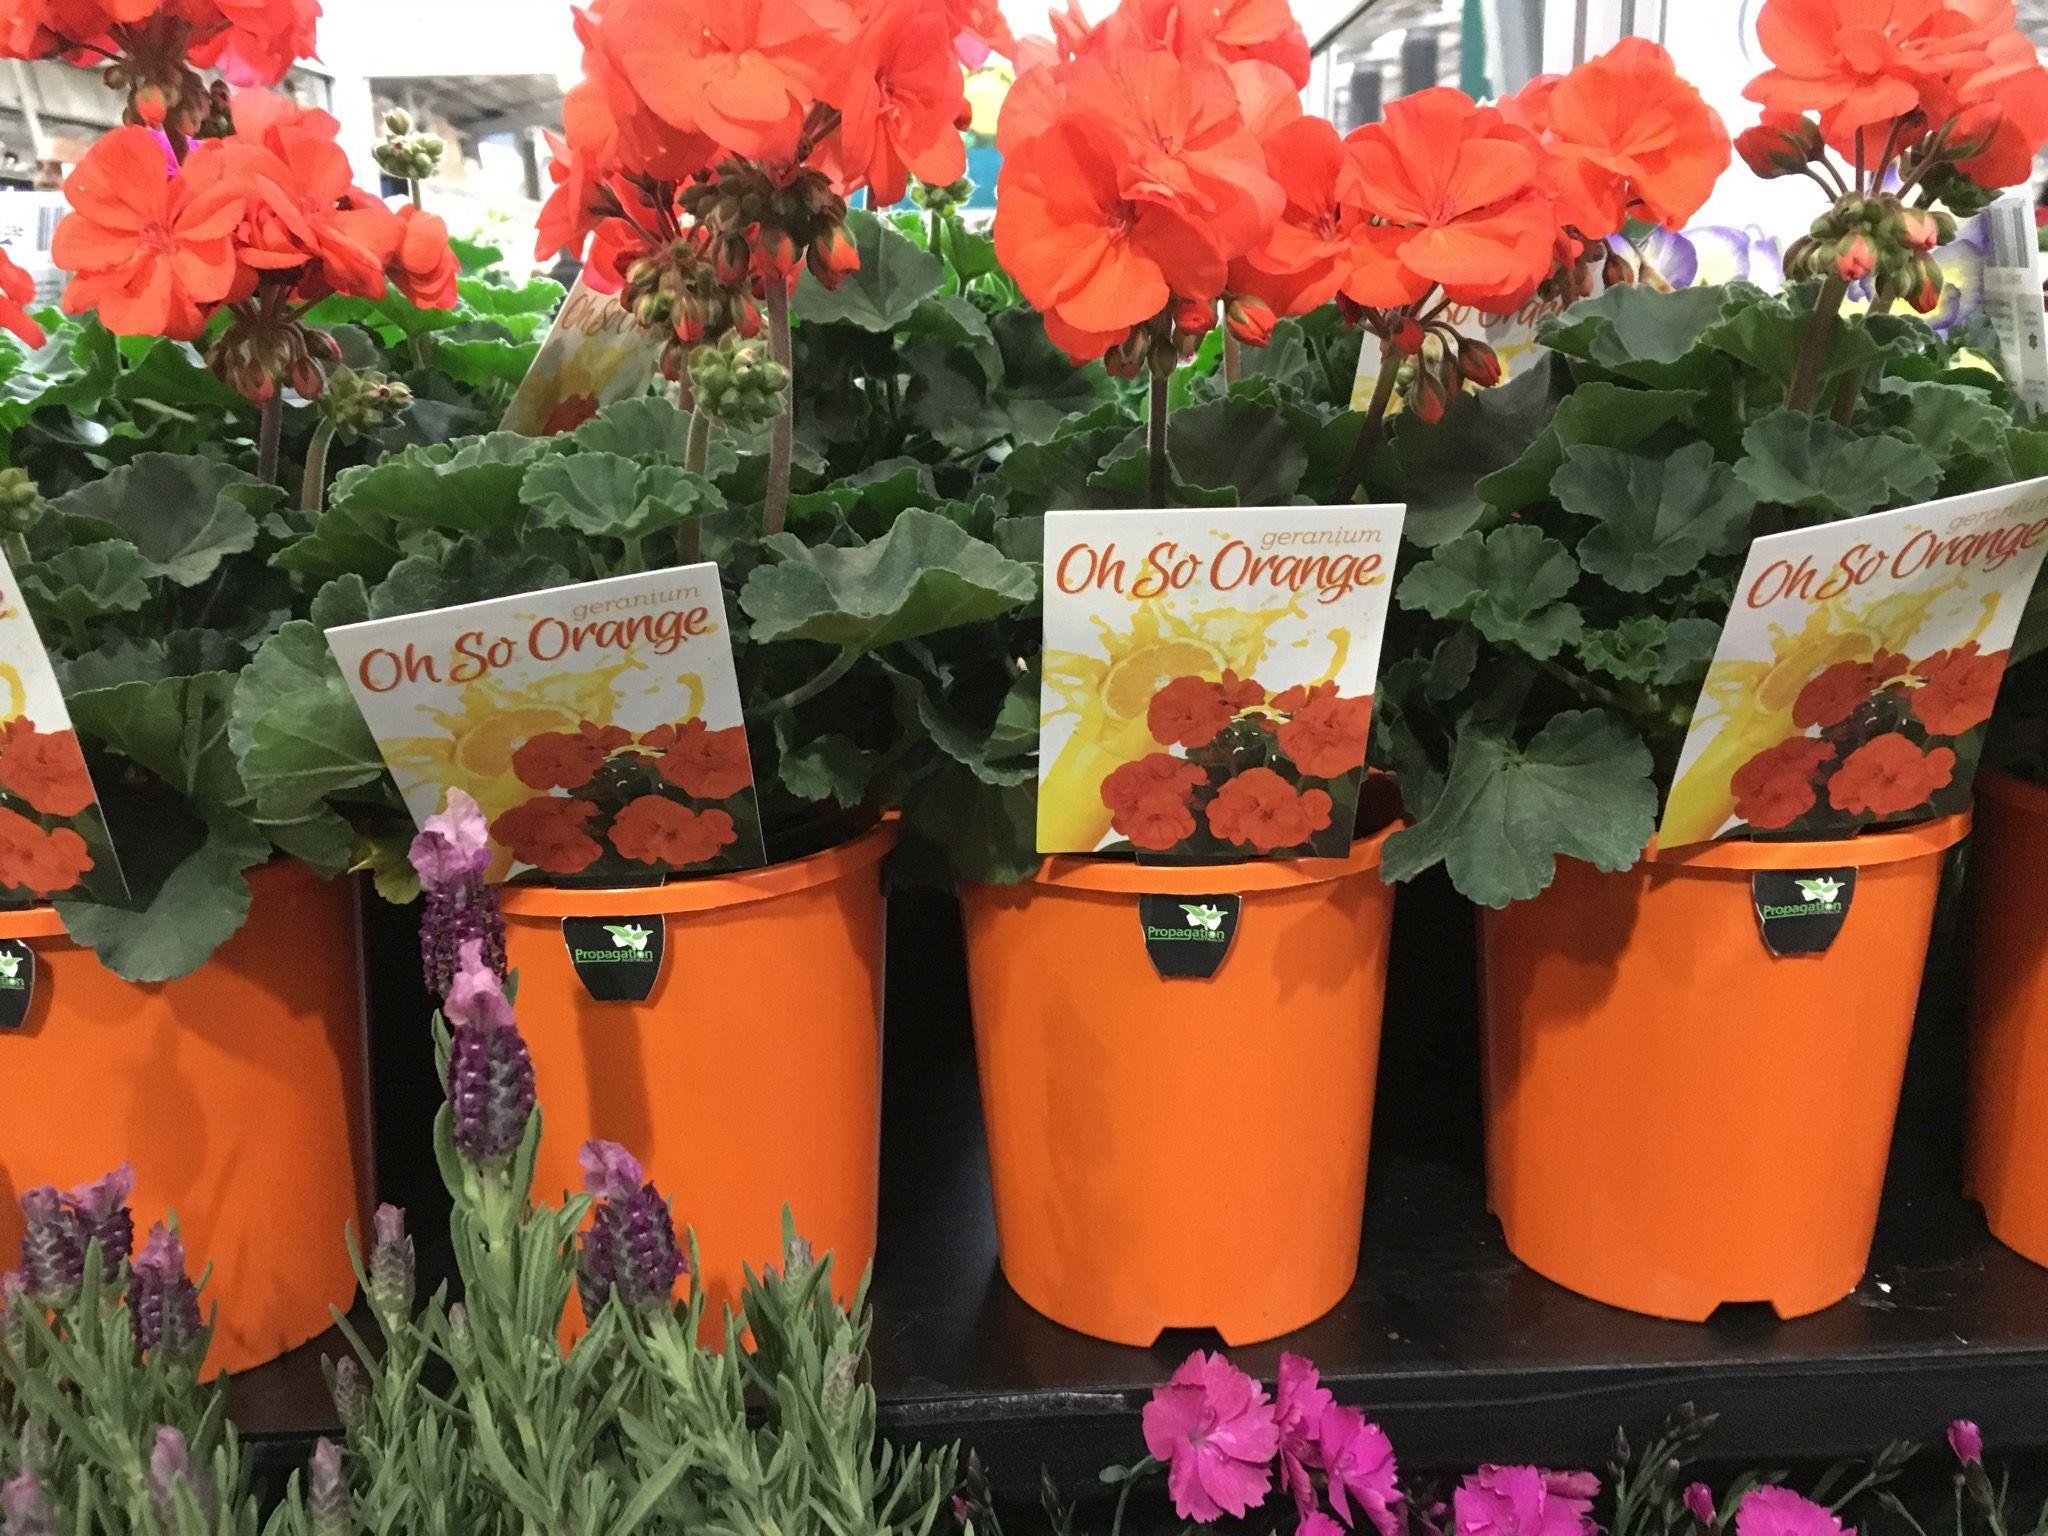 Geranium Oh So Orange.jpg